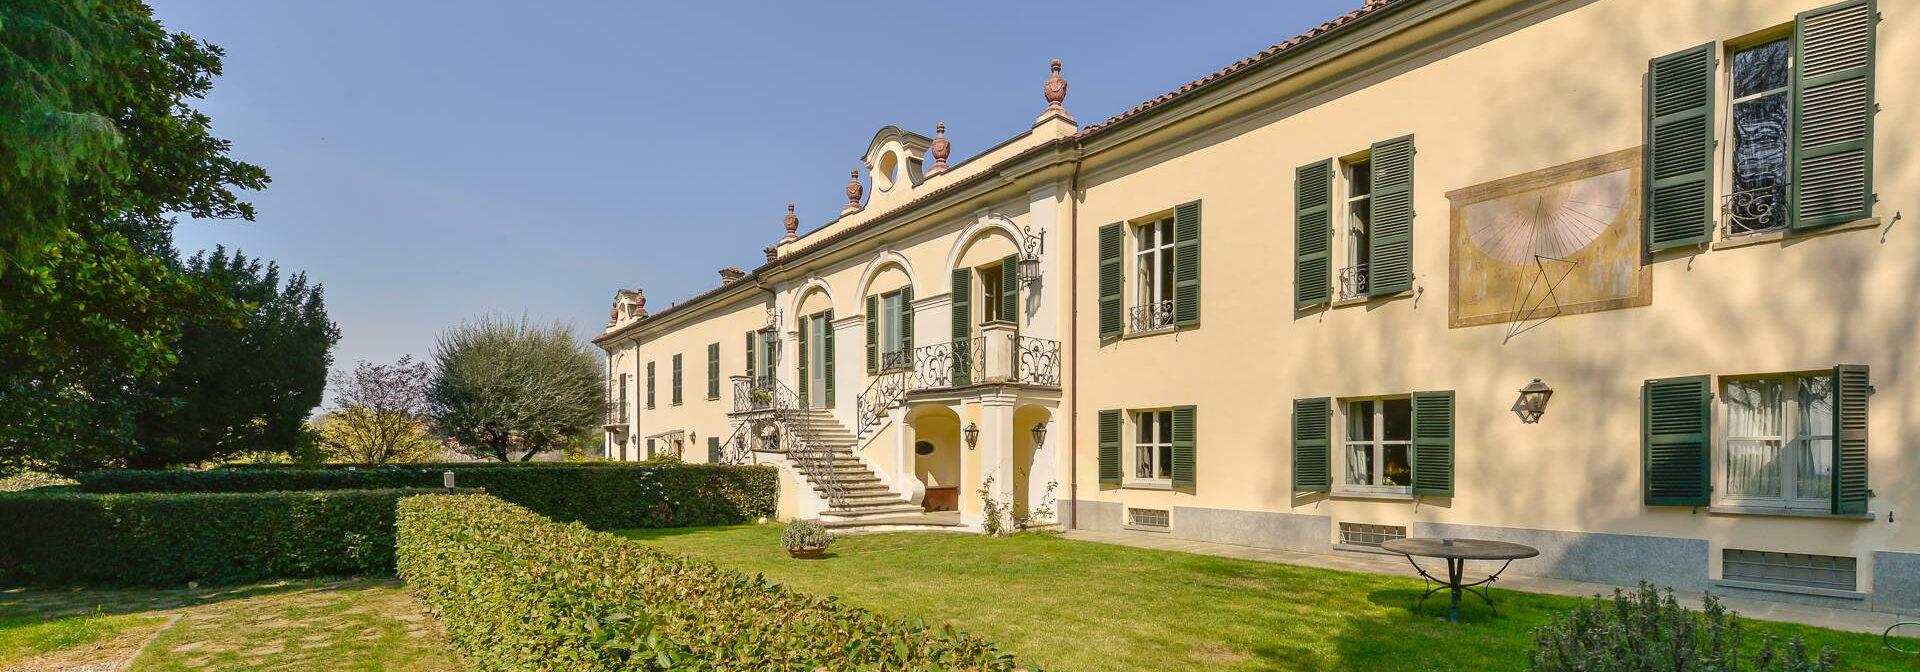 Esclusiva porzione di  Villa Cardinala, Moncalieri (TO)